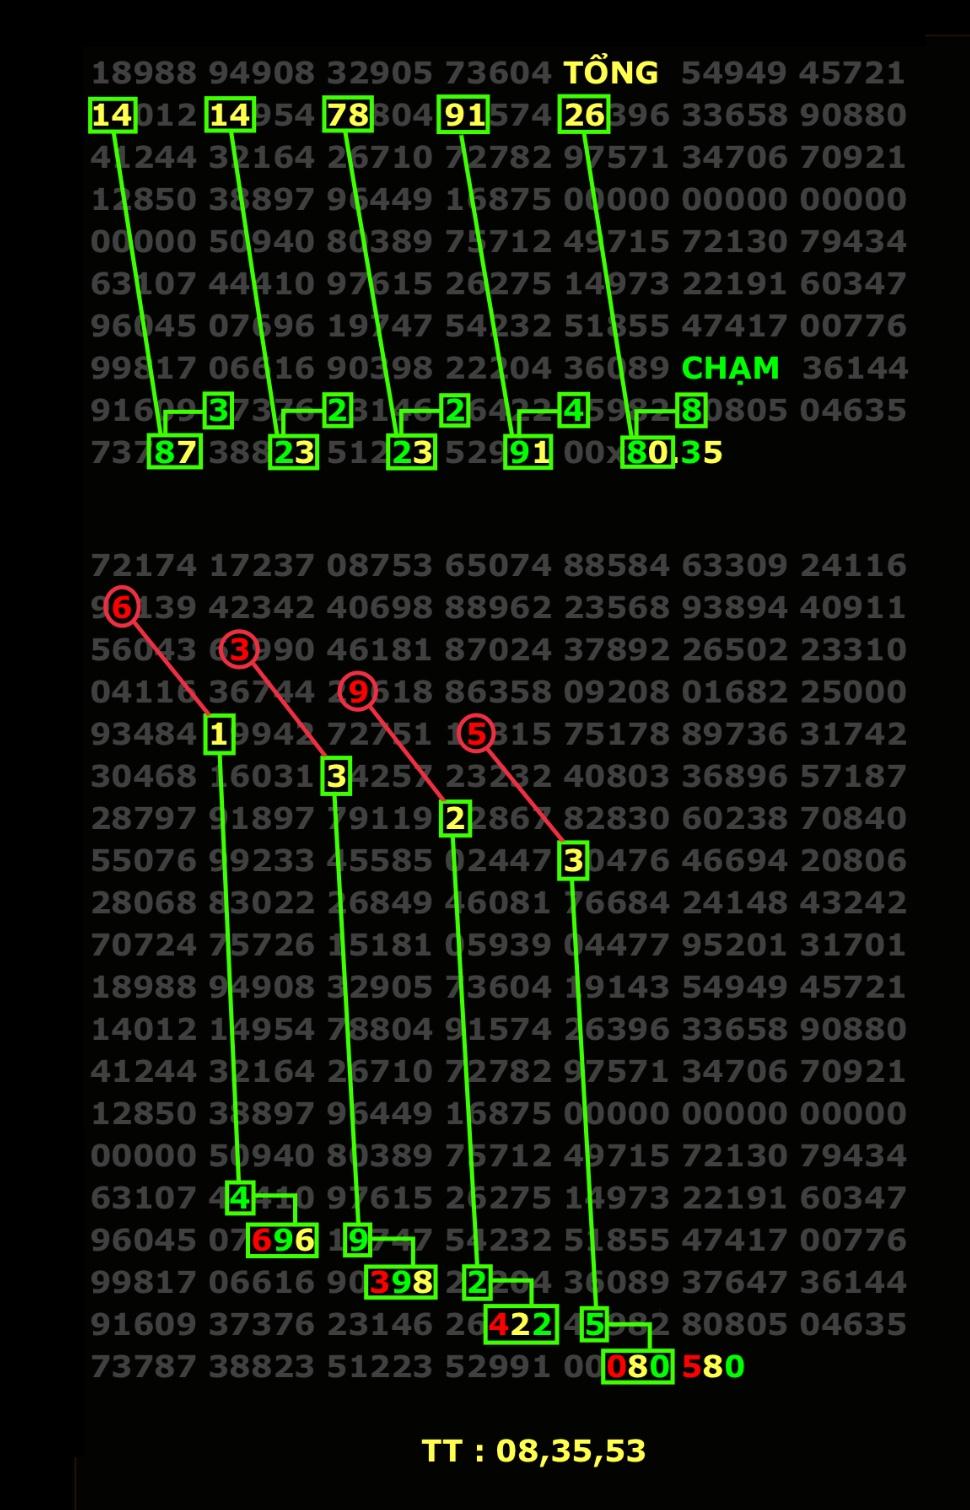 002334DD-3FFD-4390-92B0-A4025C744C14.jpeg